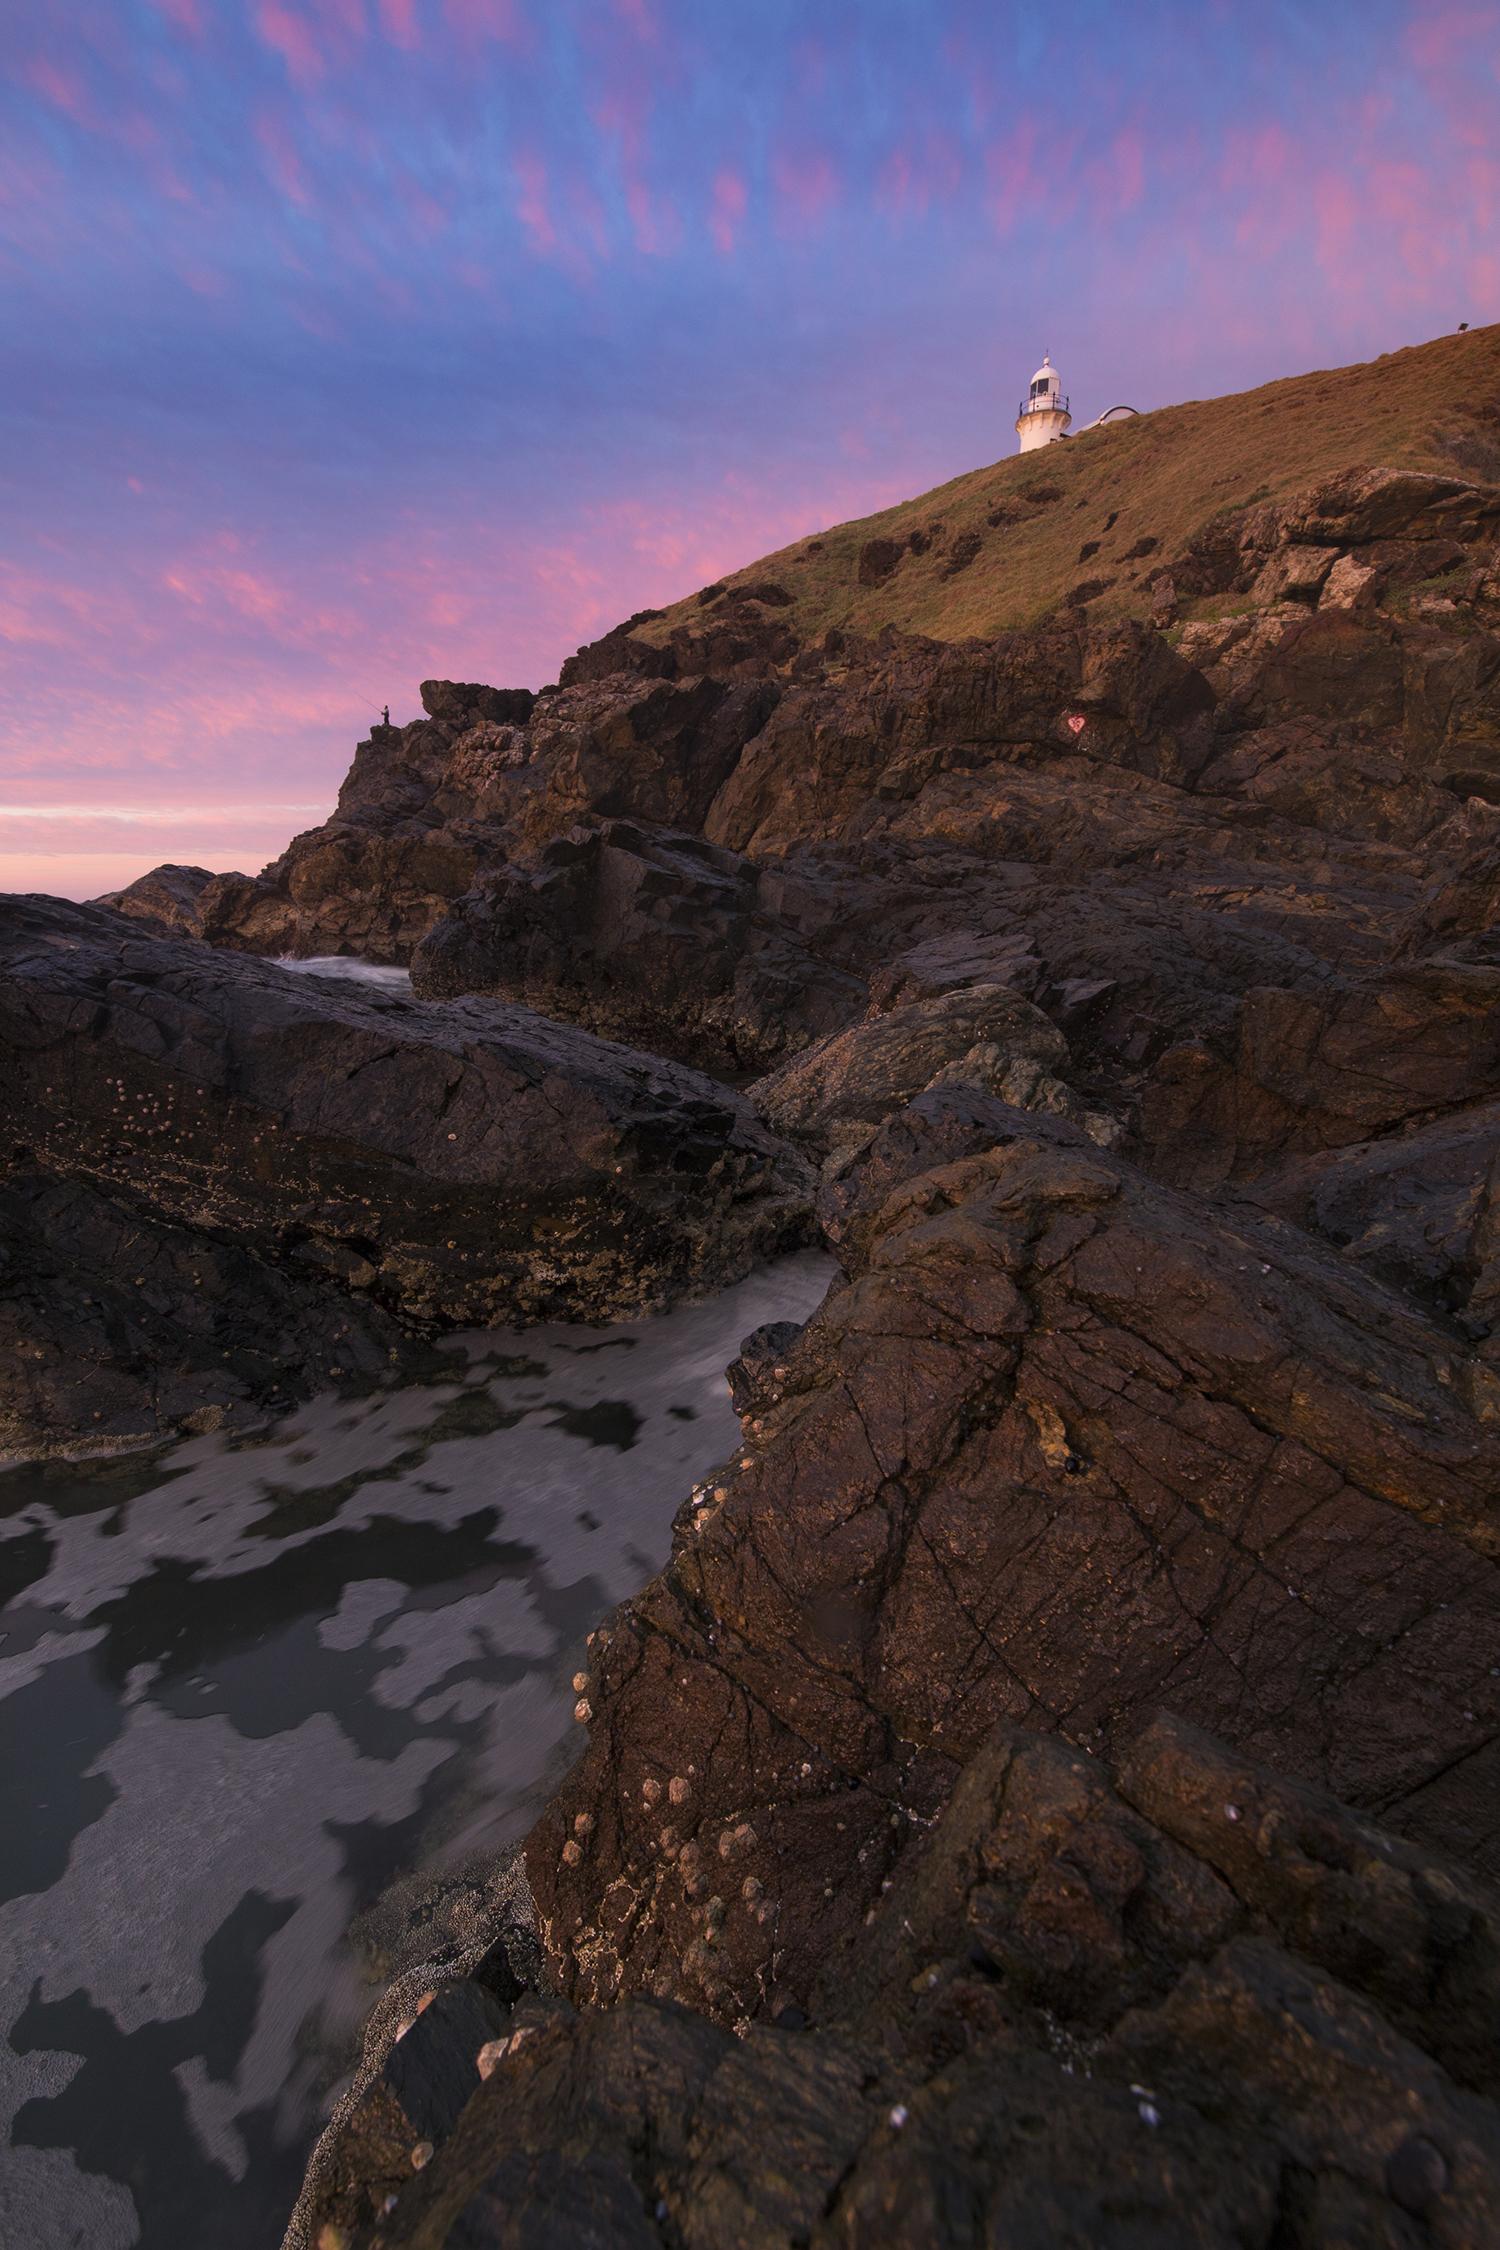 Tacking Point Lighthouse - Sunrise